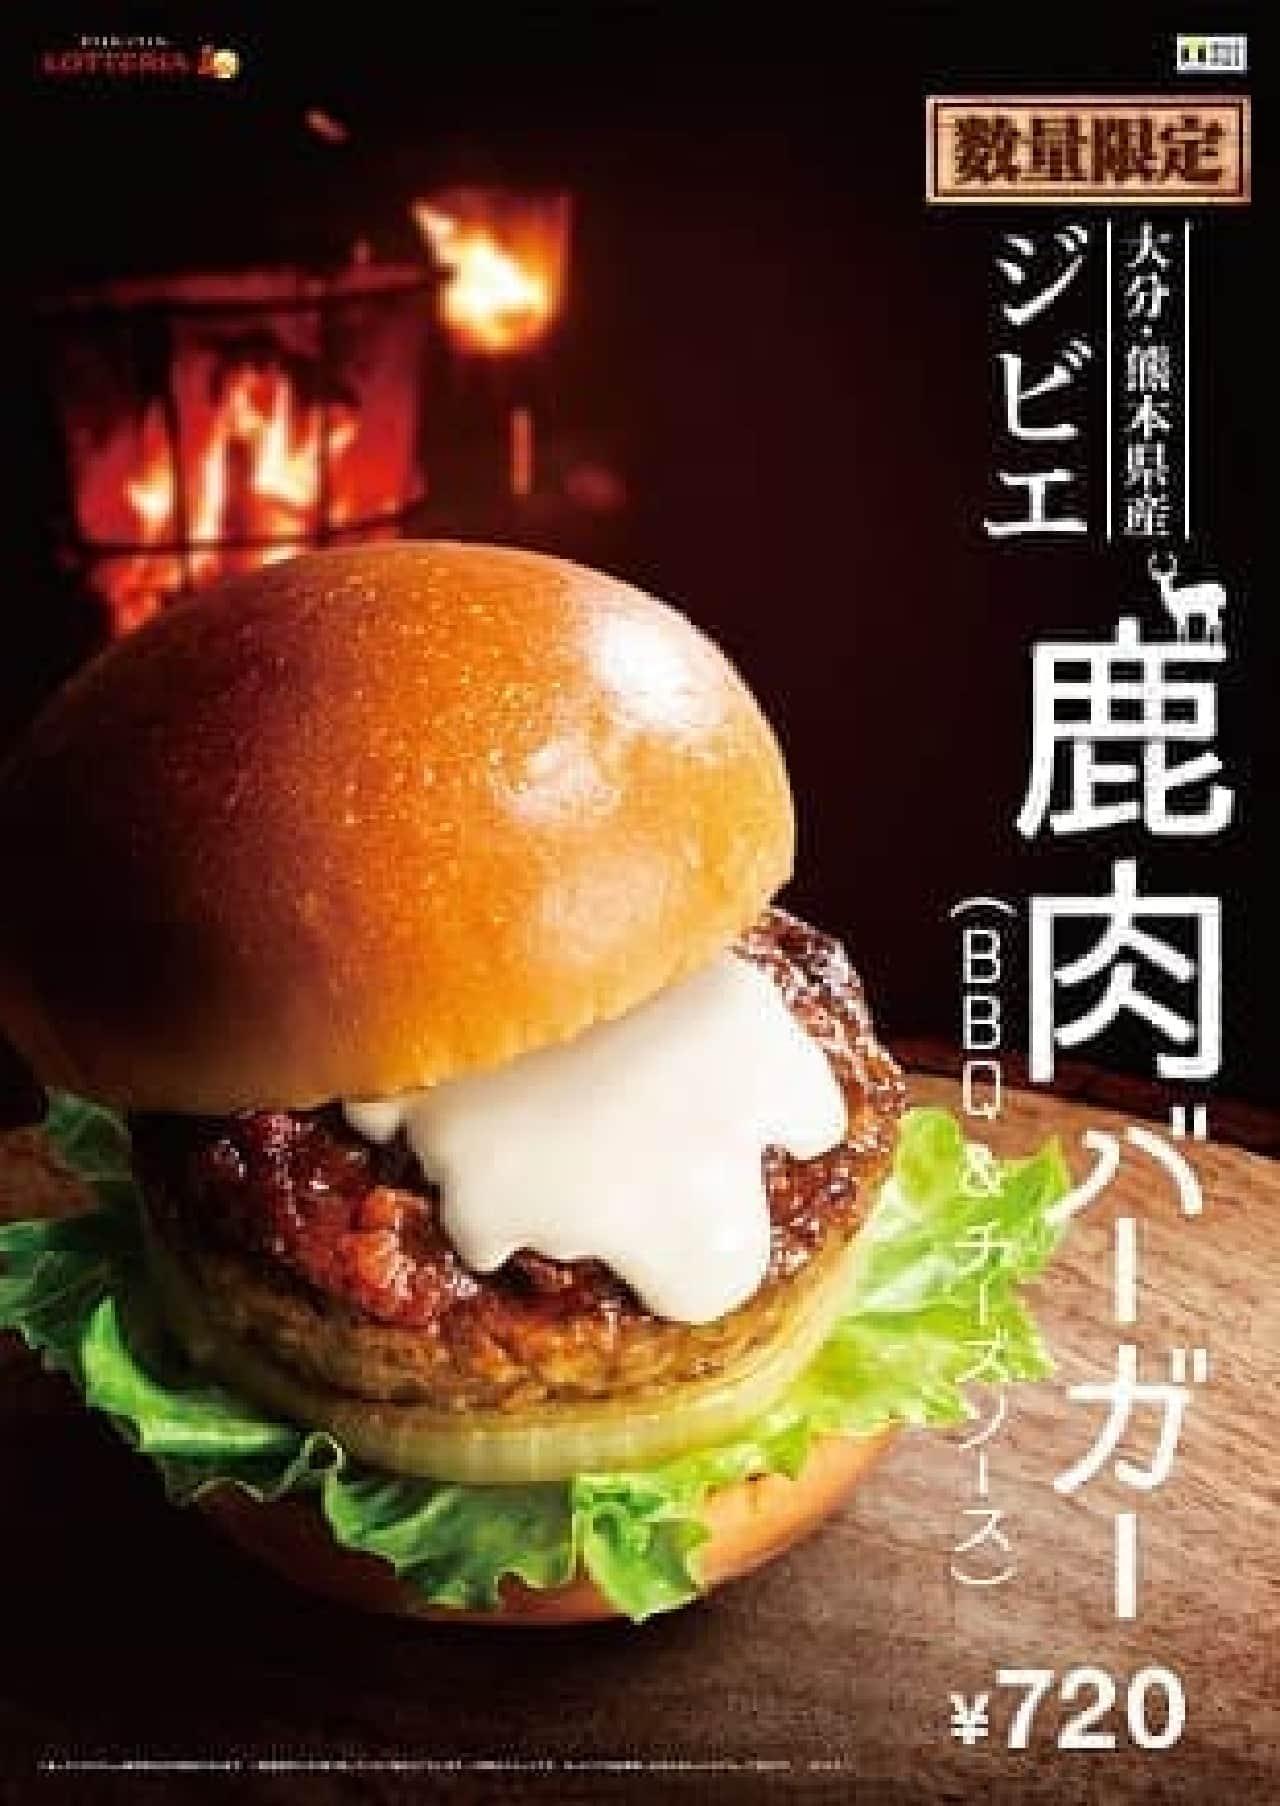 ロッテリア「ジビエ 鹿肉バーガー(BBQ&チーズソース)」